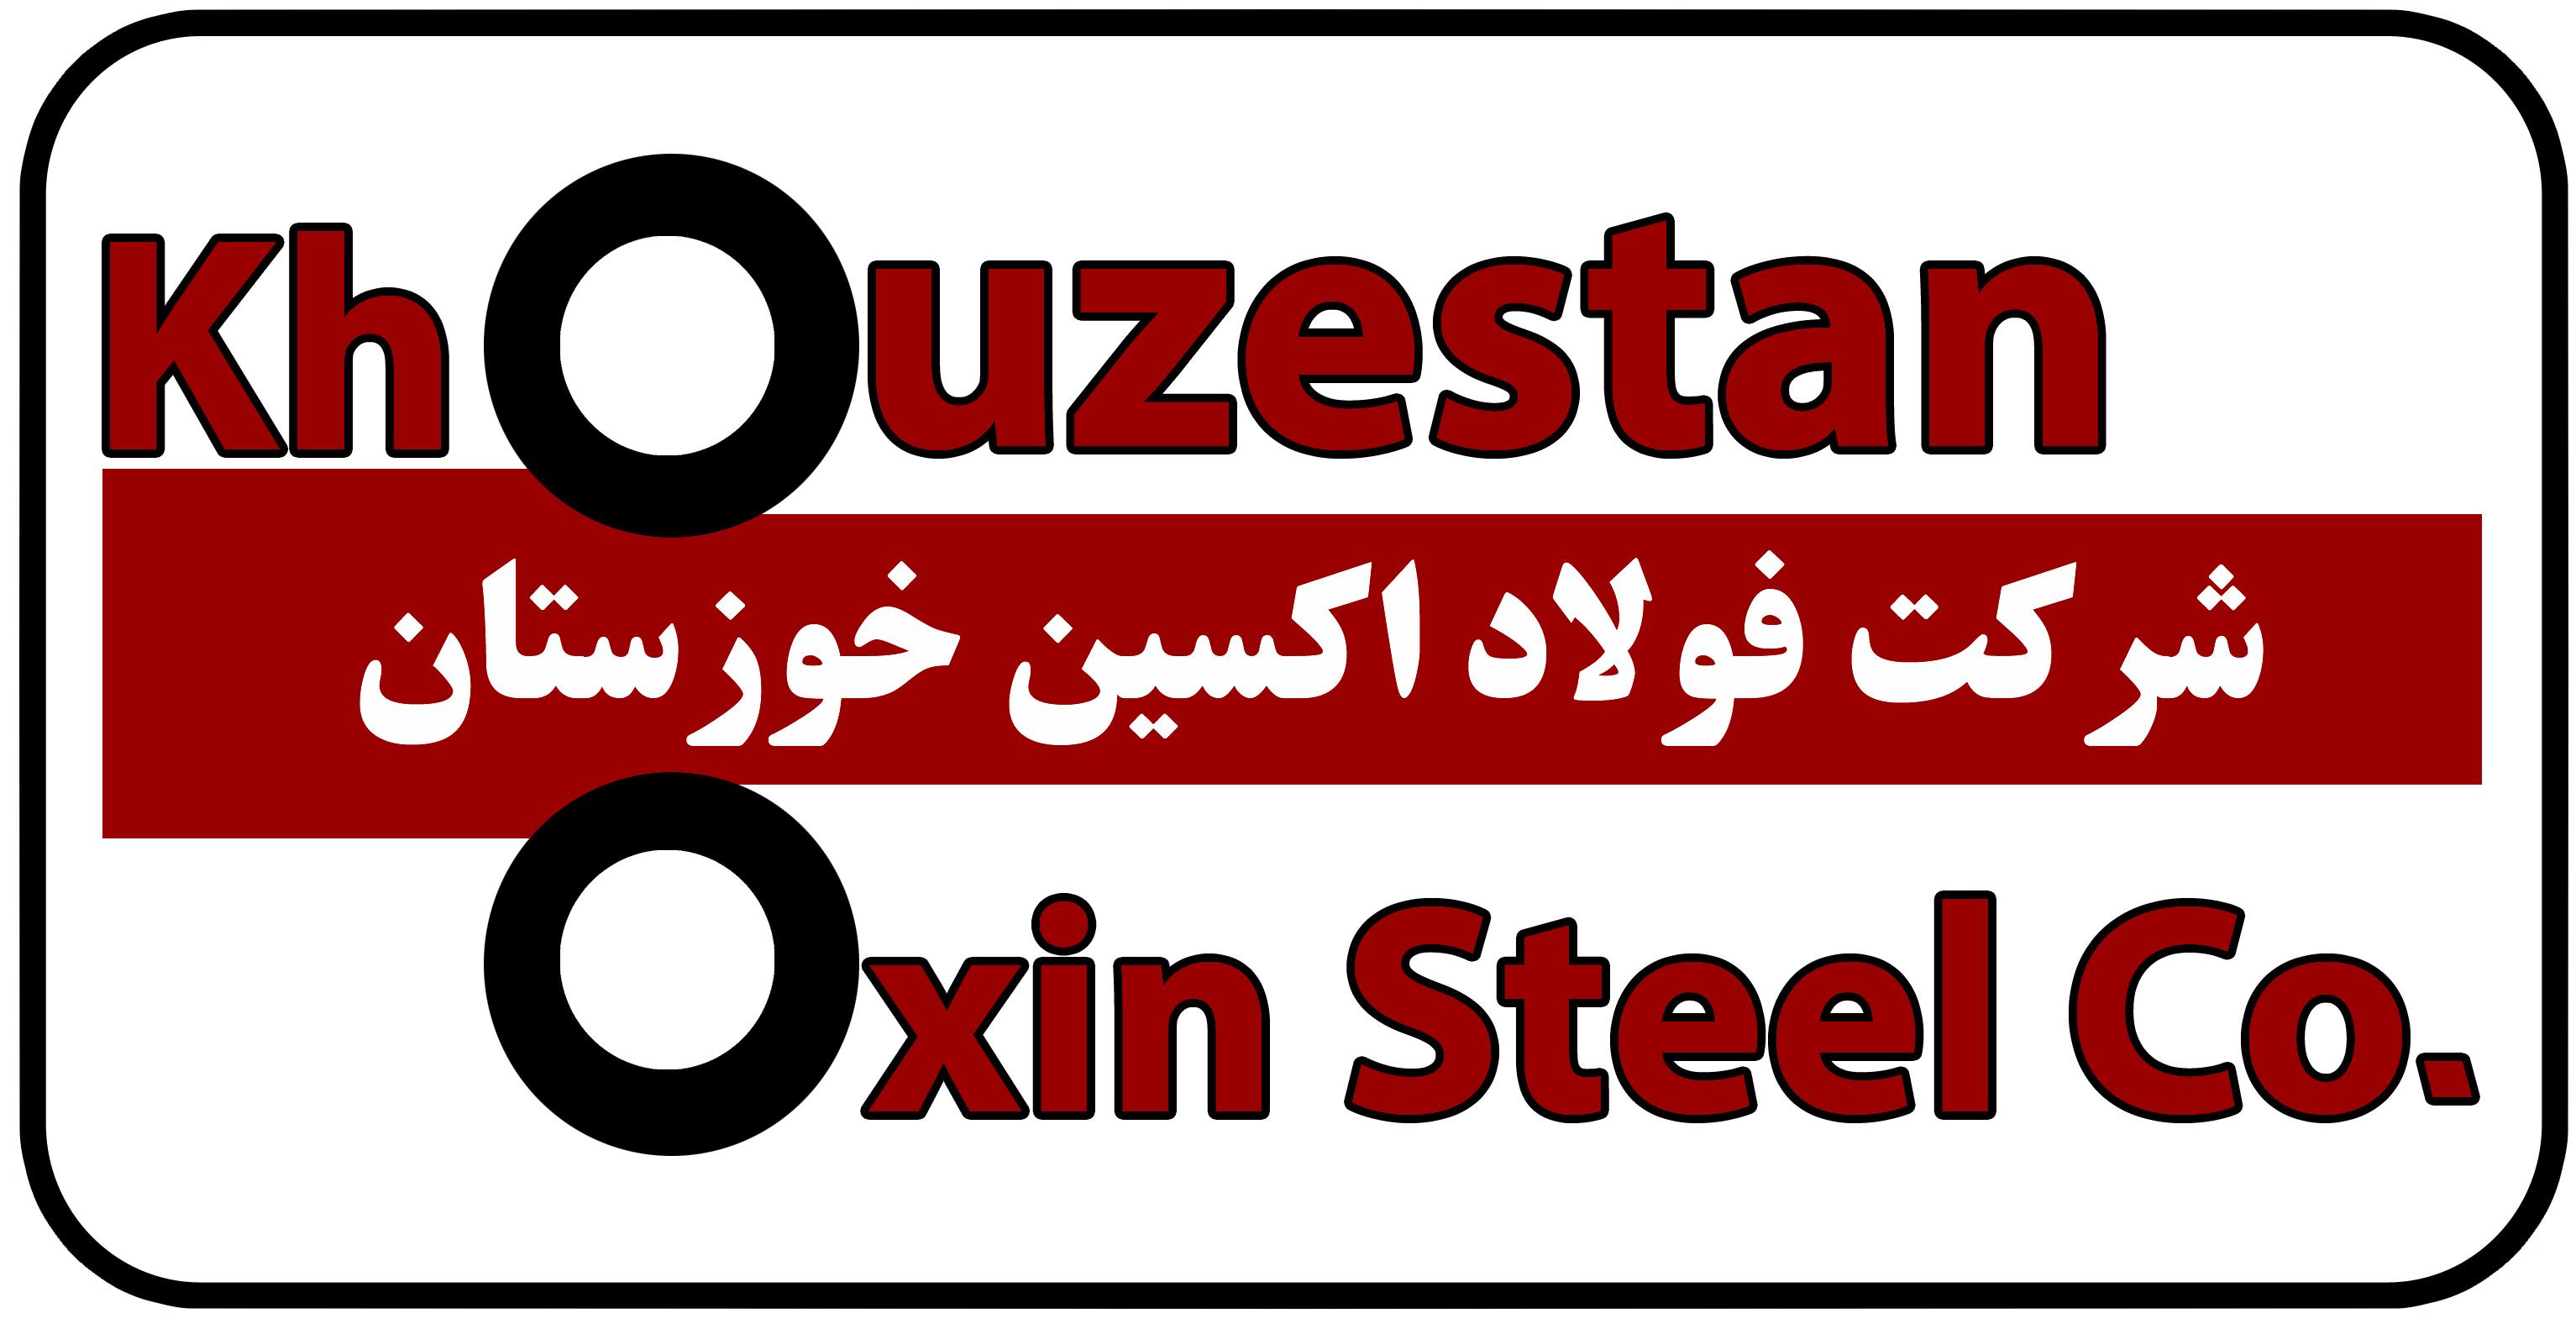 فروش بلوک 31.6 درصدی فولاد اکسین خوزستان به قیمت 460 میلیارد تومان